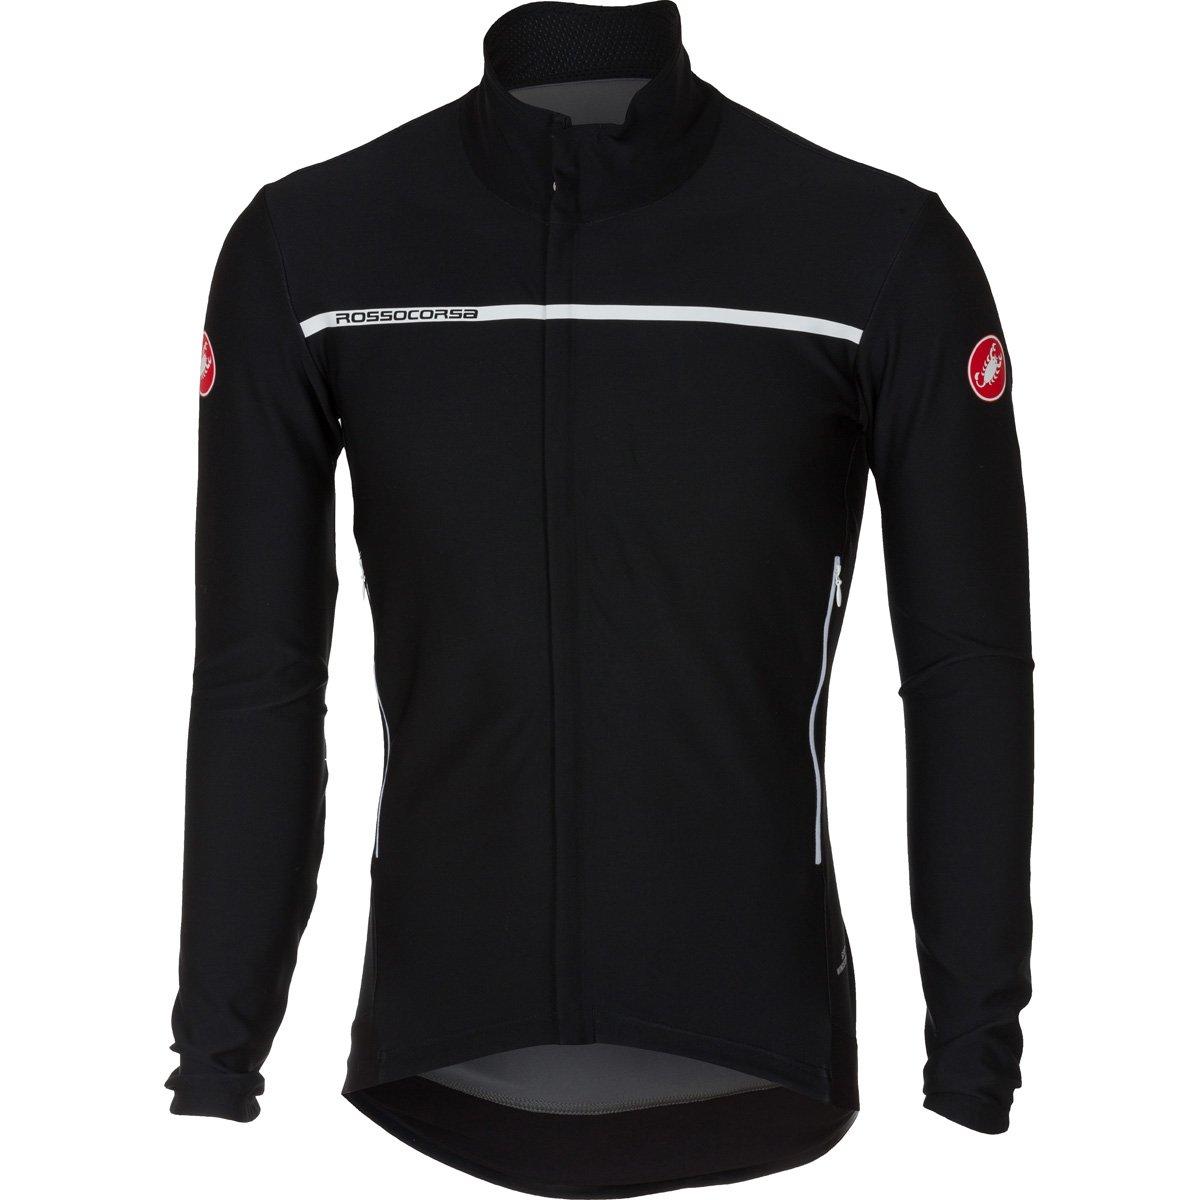 Castelli 2016 / 17メンズPerfetto長袖サイクリングジャケット – b16507 B075FFGXYC X-Large|ライトブラック ライトブラック X-Large